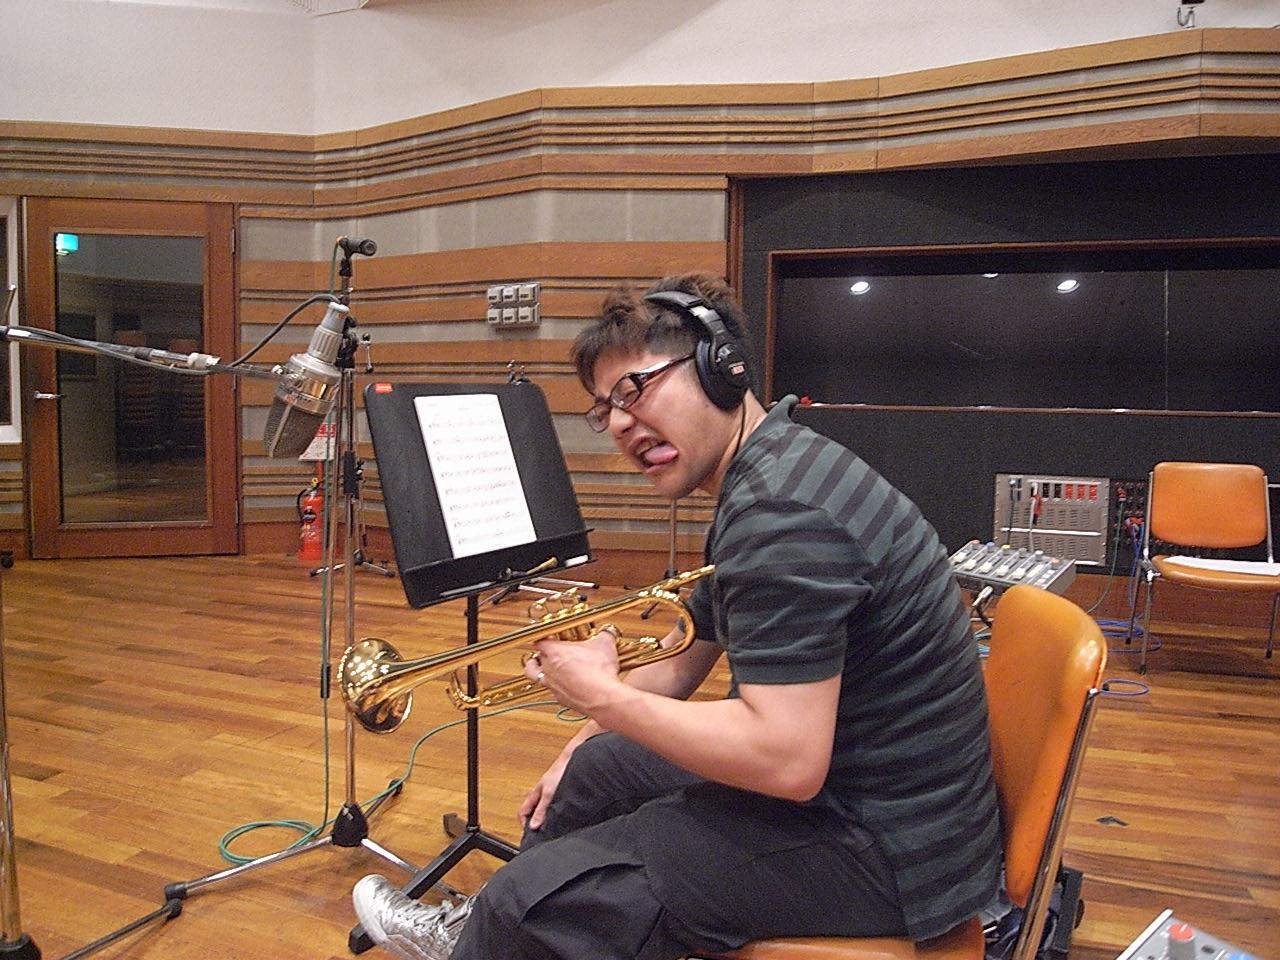 某声優さんのアルバムレコーディングに参加。_e0230090_23192025.jpg